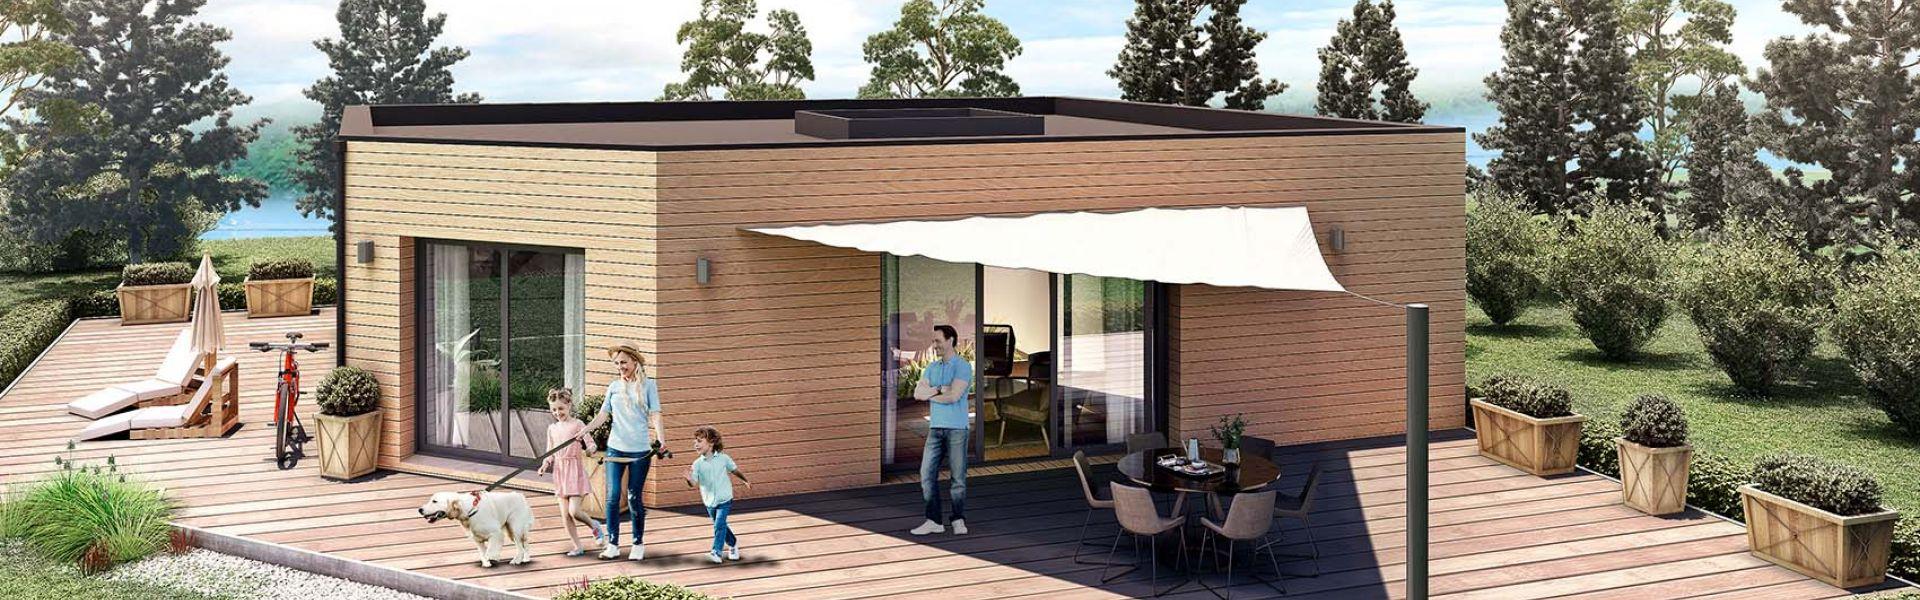 Maison Moderne Avec Patio Interieur alhambra   ami bois, constructeur de maisons en bois